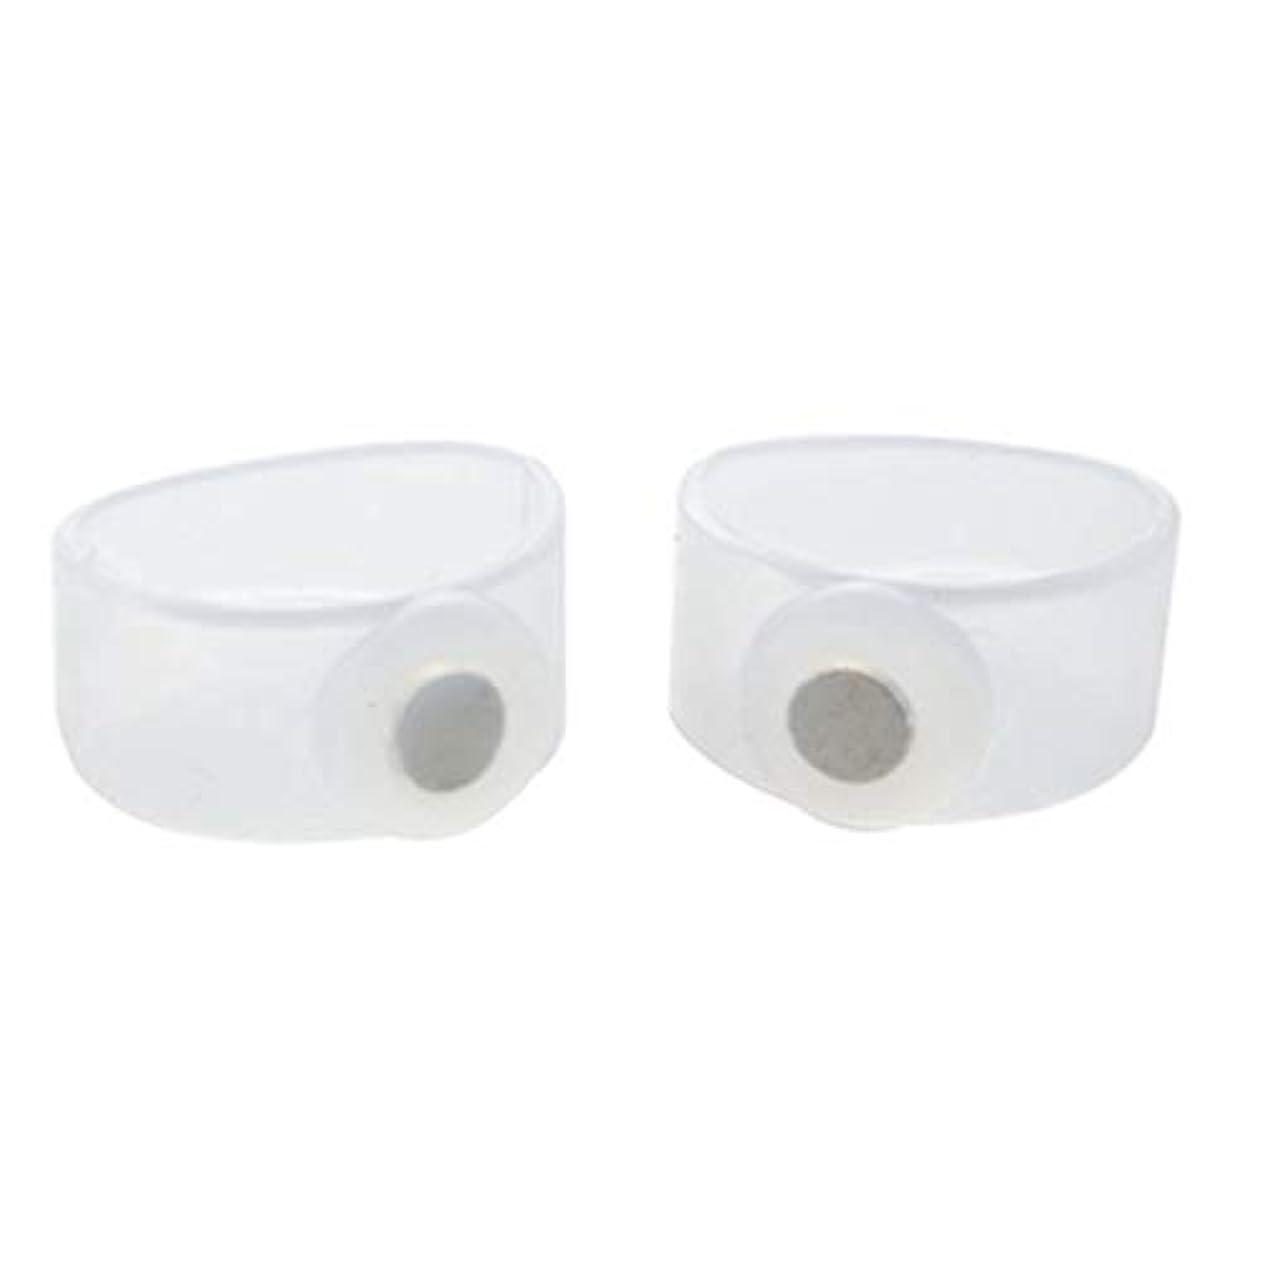 壮大混乱した貫通する2ピース痩身シリコン磁気フットマッサージャーマッサージリラックスつま先リング用減量ヘルスケアツール美容製品 - 透明